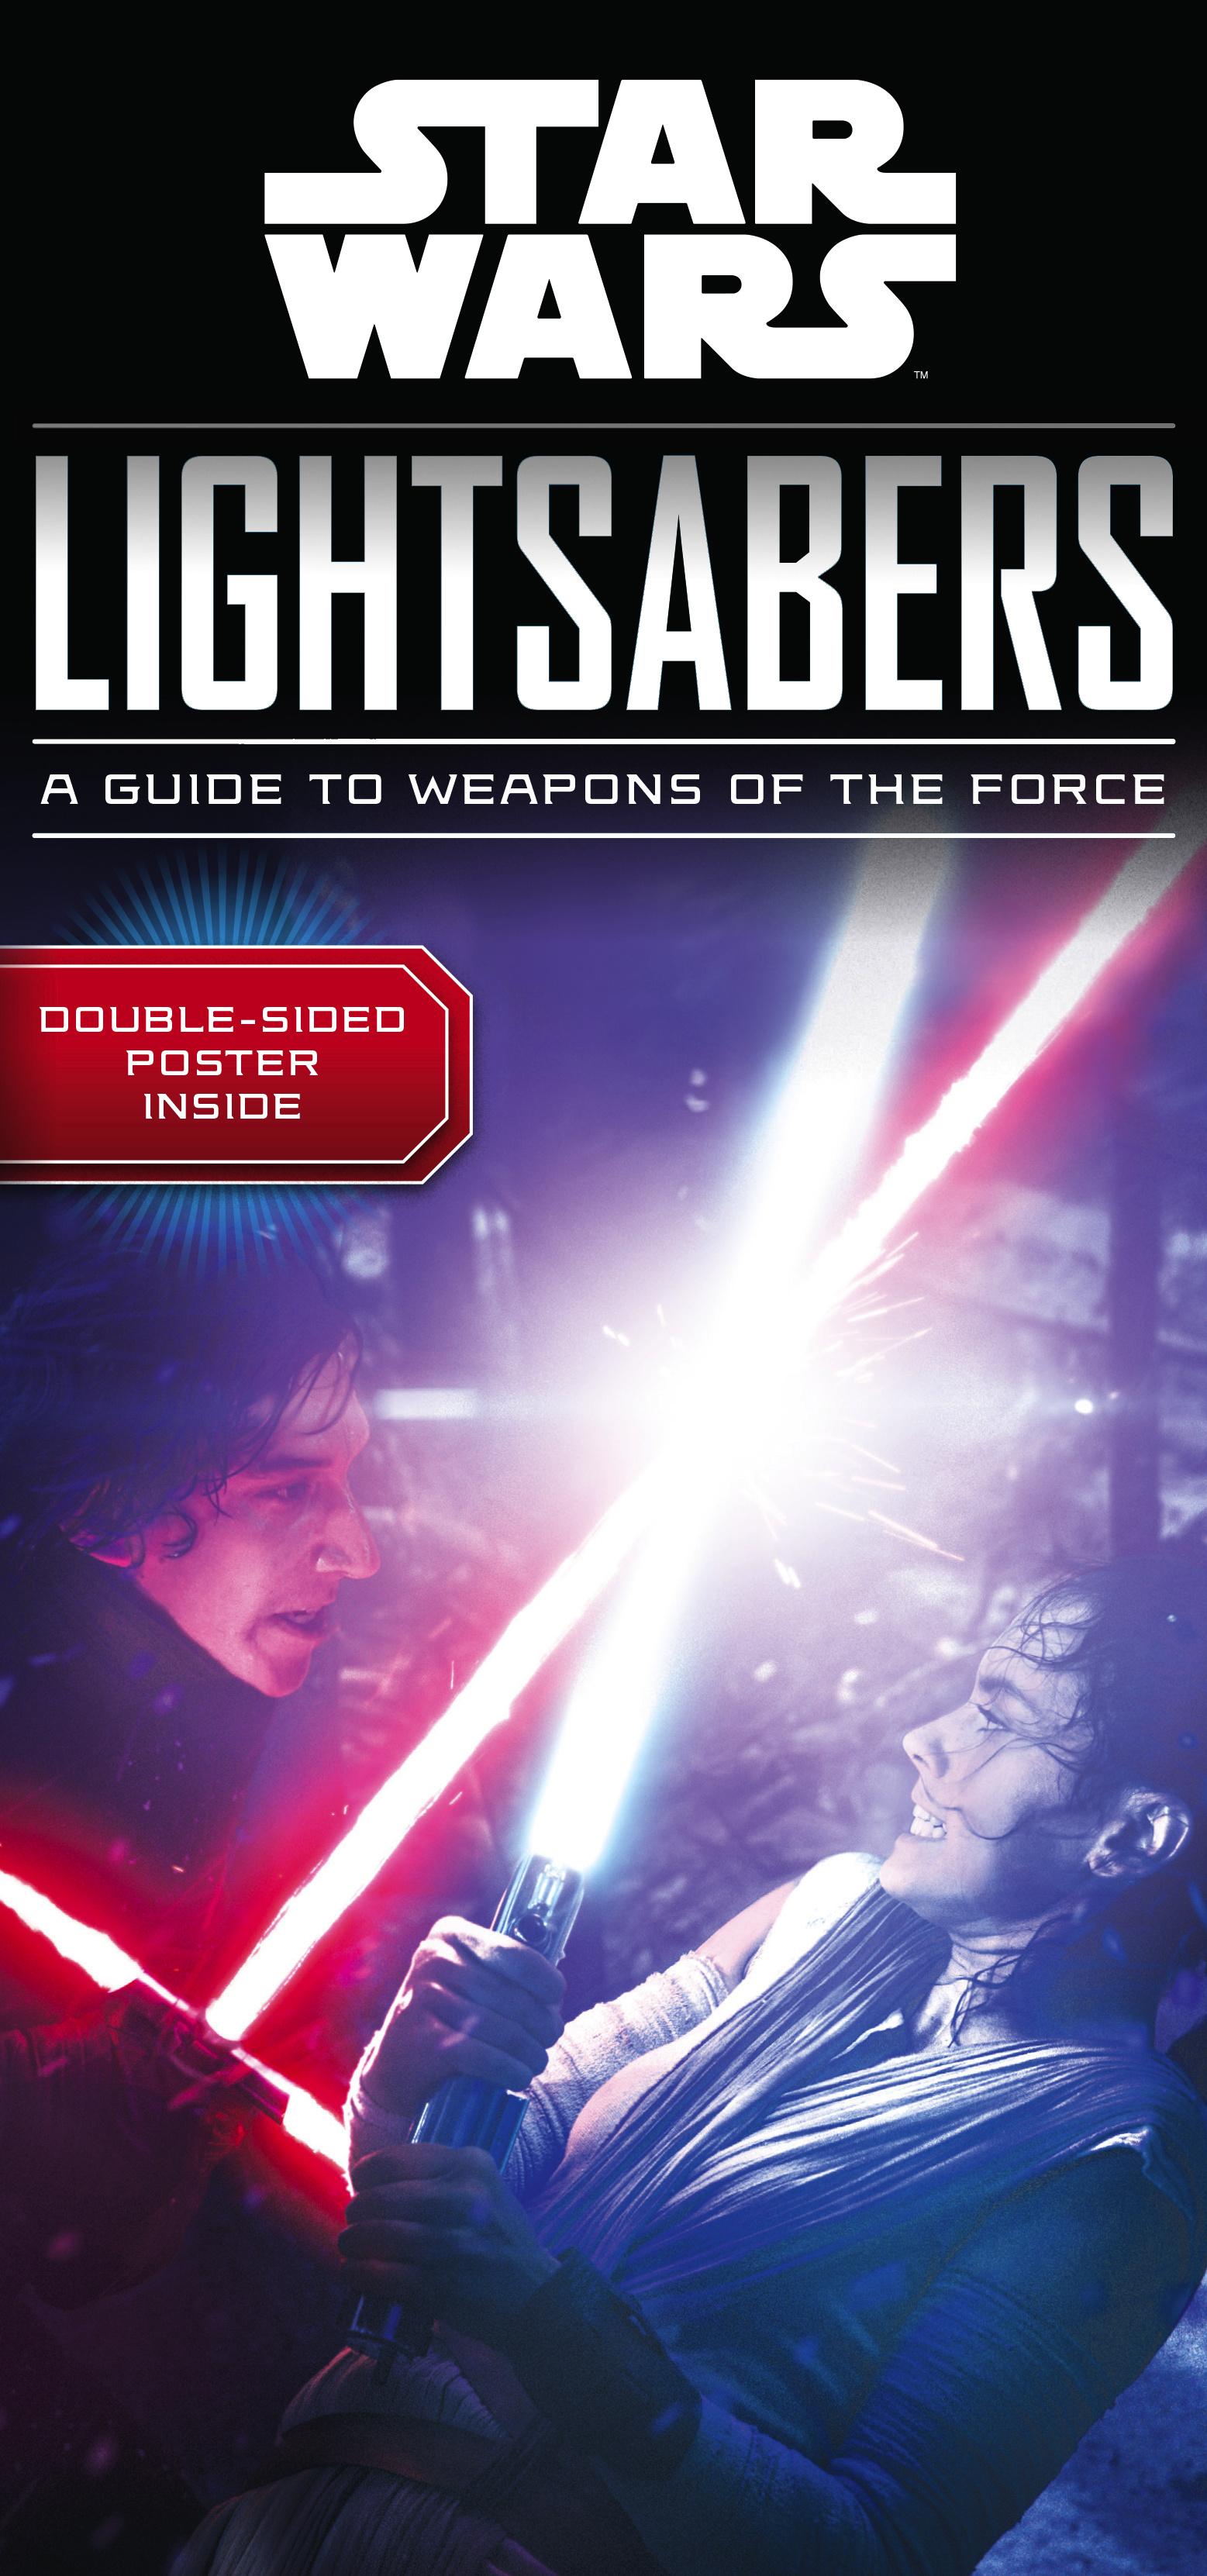 Звёздные войны. Световые мечи: Путеводитель по оружию пользователей Силы